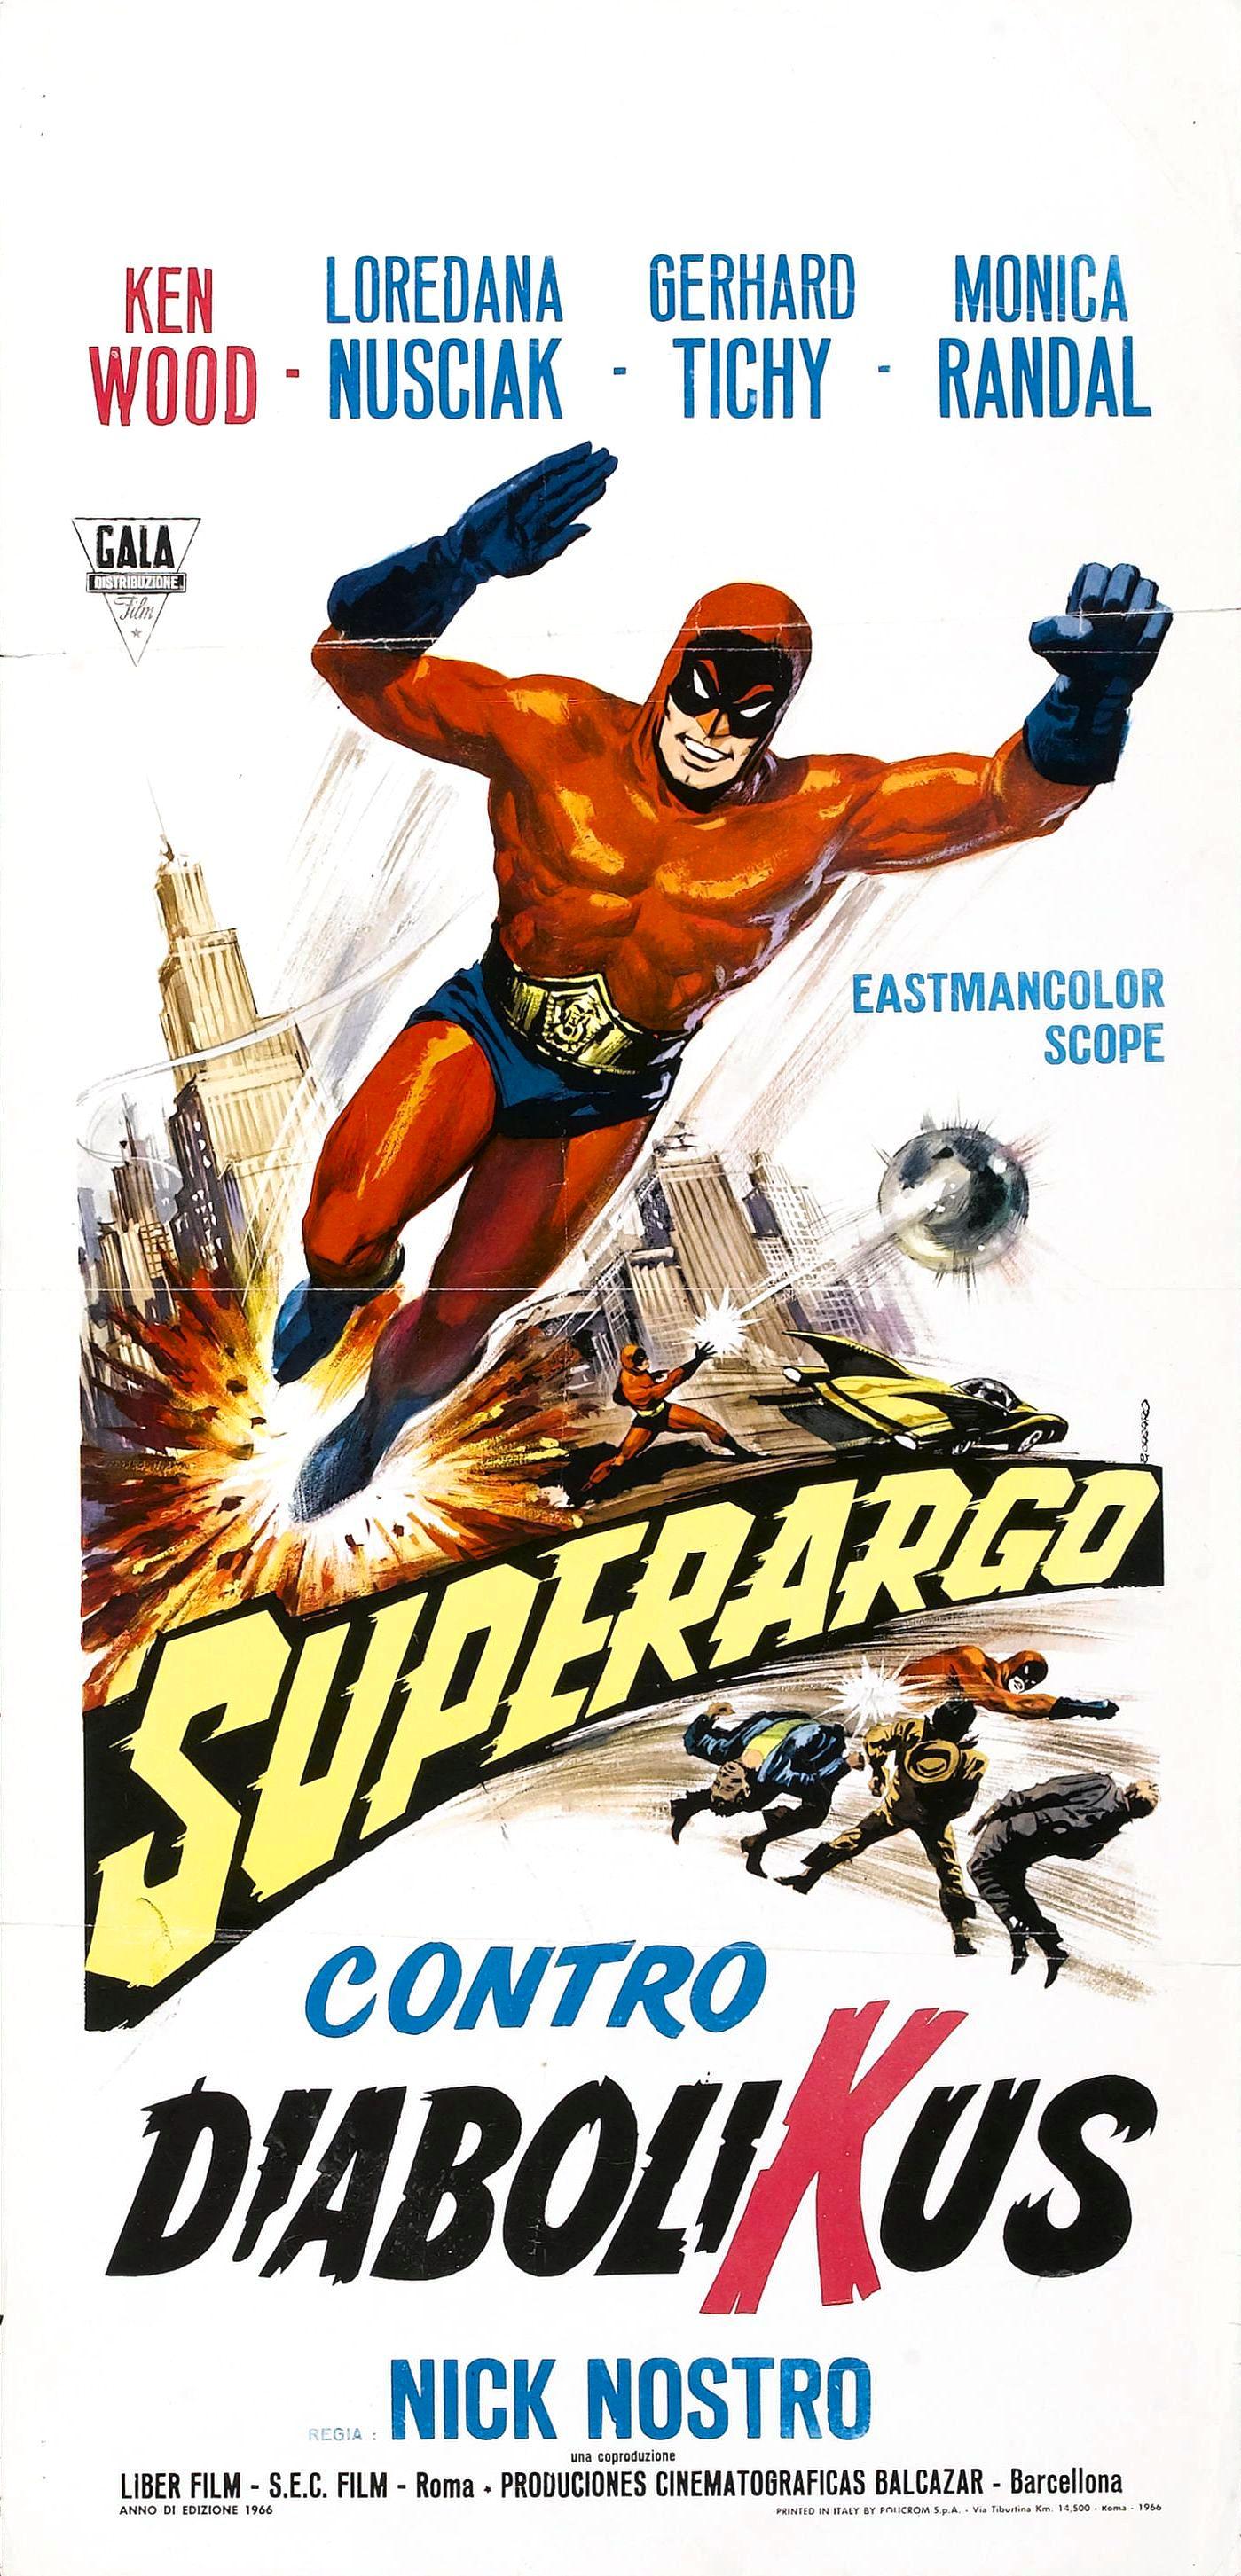 Superargo vs. Diabolicus (1966)